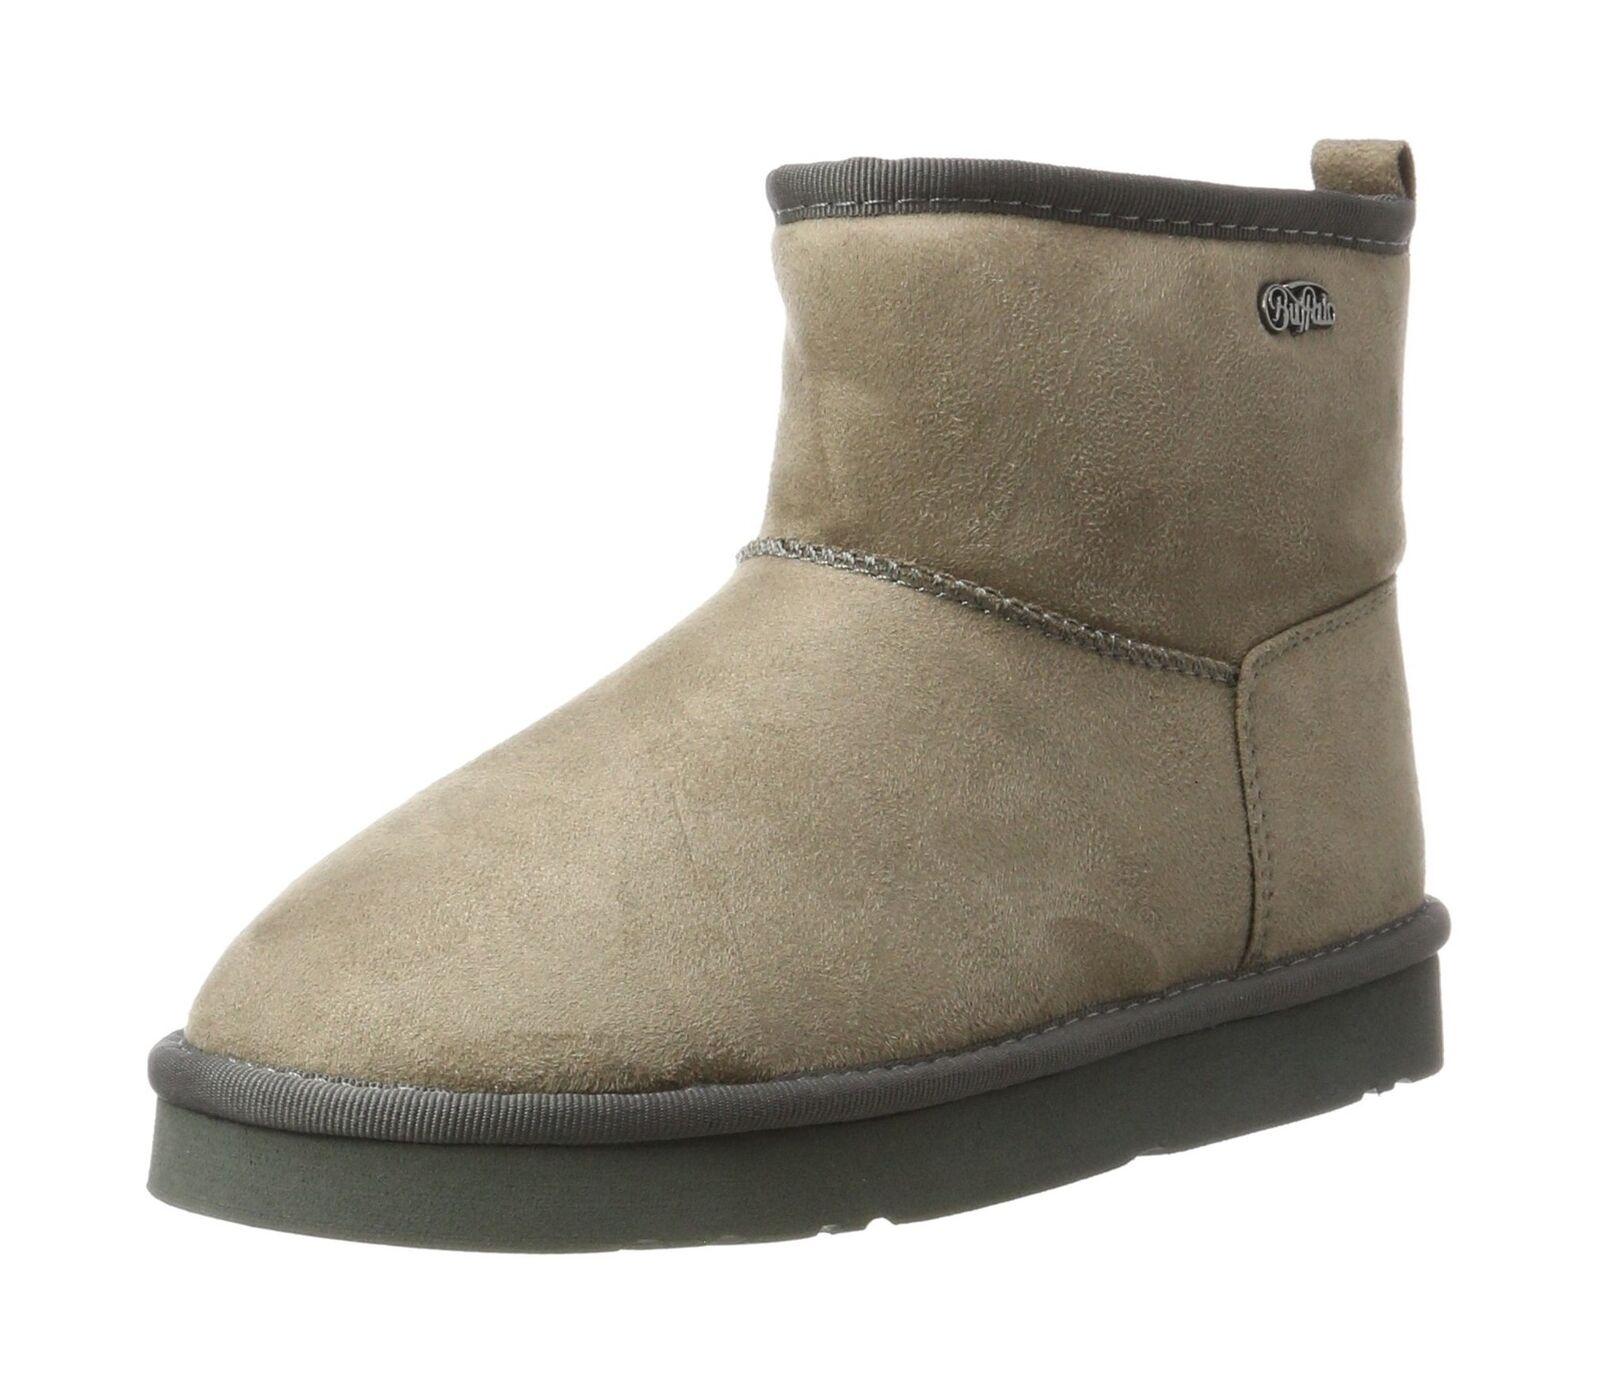 Buffalo Damenschuhe 334774 Micro Fiber 77# Hatching Stiefel Grau (Grau 01) 6.5 UK